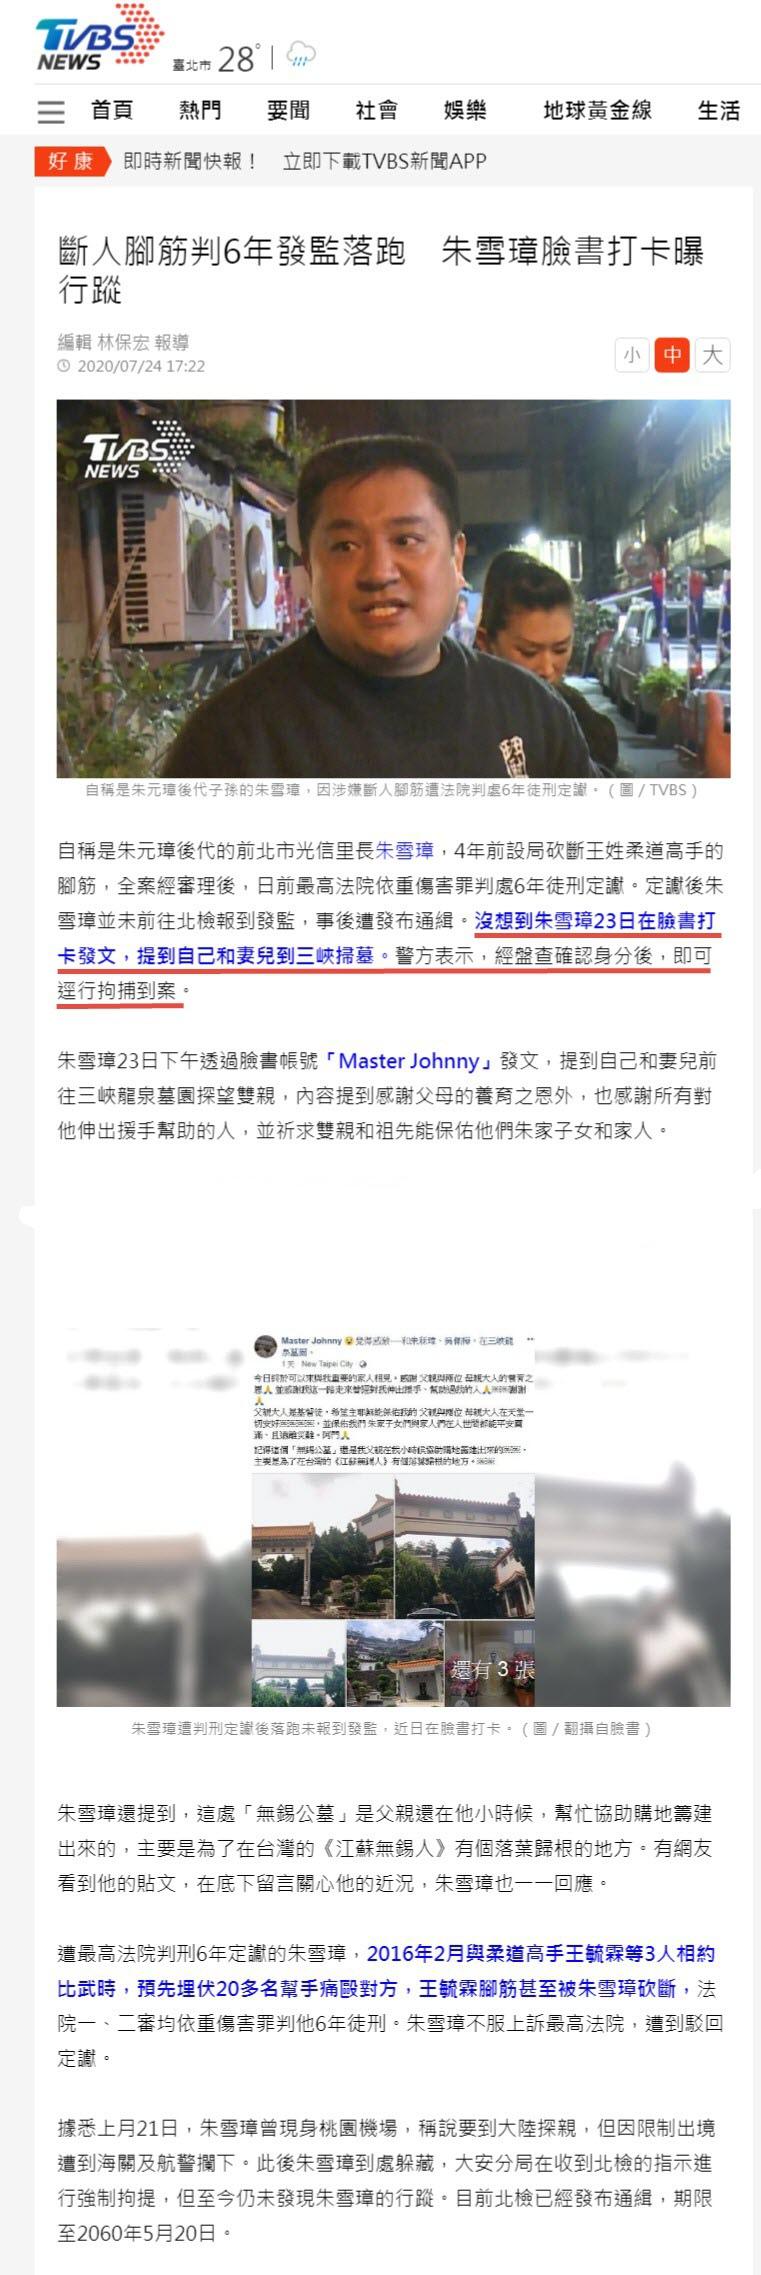 斷人腳筋判6年發監落跑 朱雪璋臉書打卡曝行蹤-2020.07.24.jpg